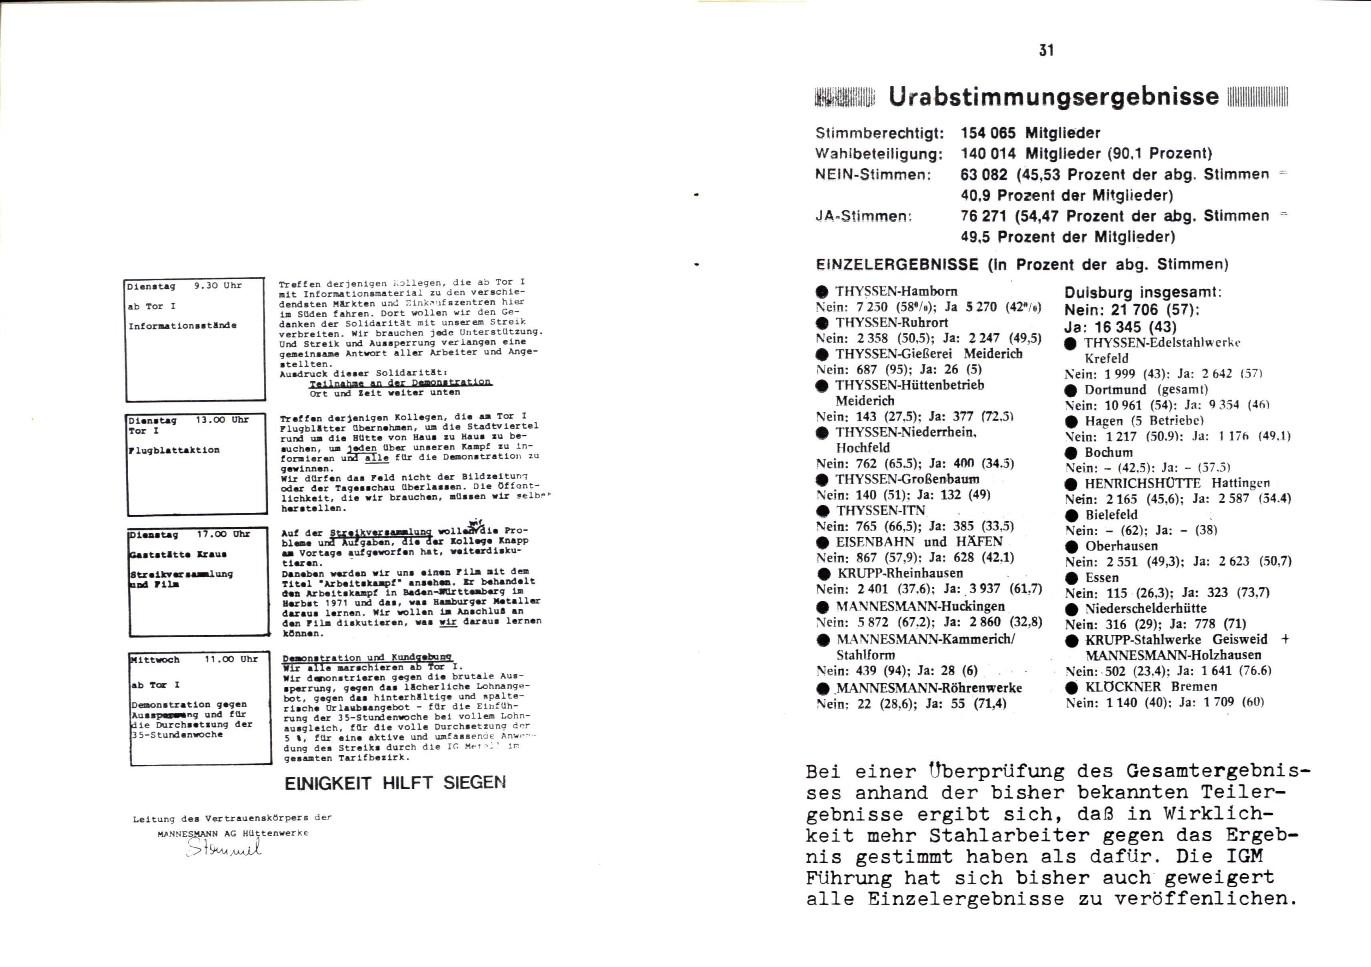 KPDAO_1979_Streik_in_der_Stahlindustrie_17